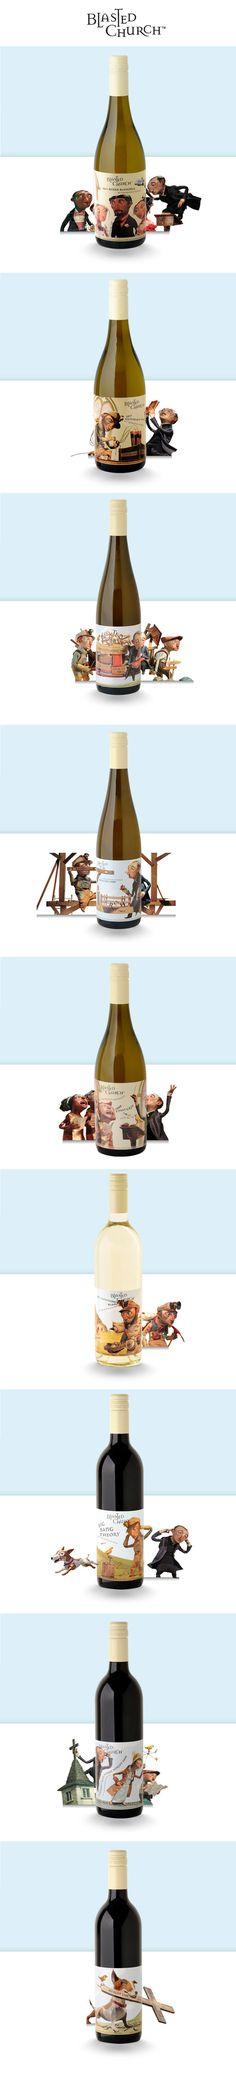 Blasted Church ™ Cuando unas botellas cuentan historias - taninotanino ® vinos inteligentes ®